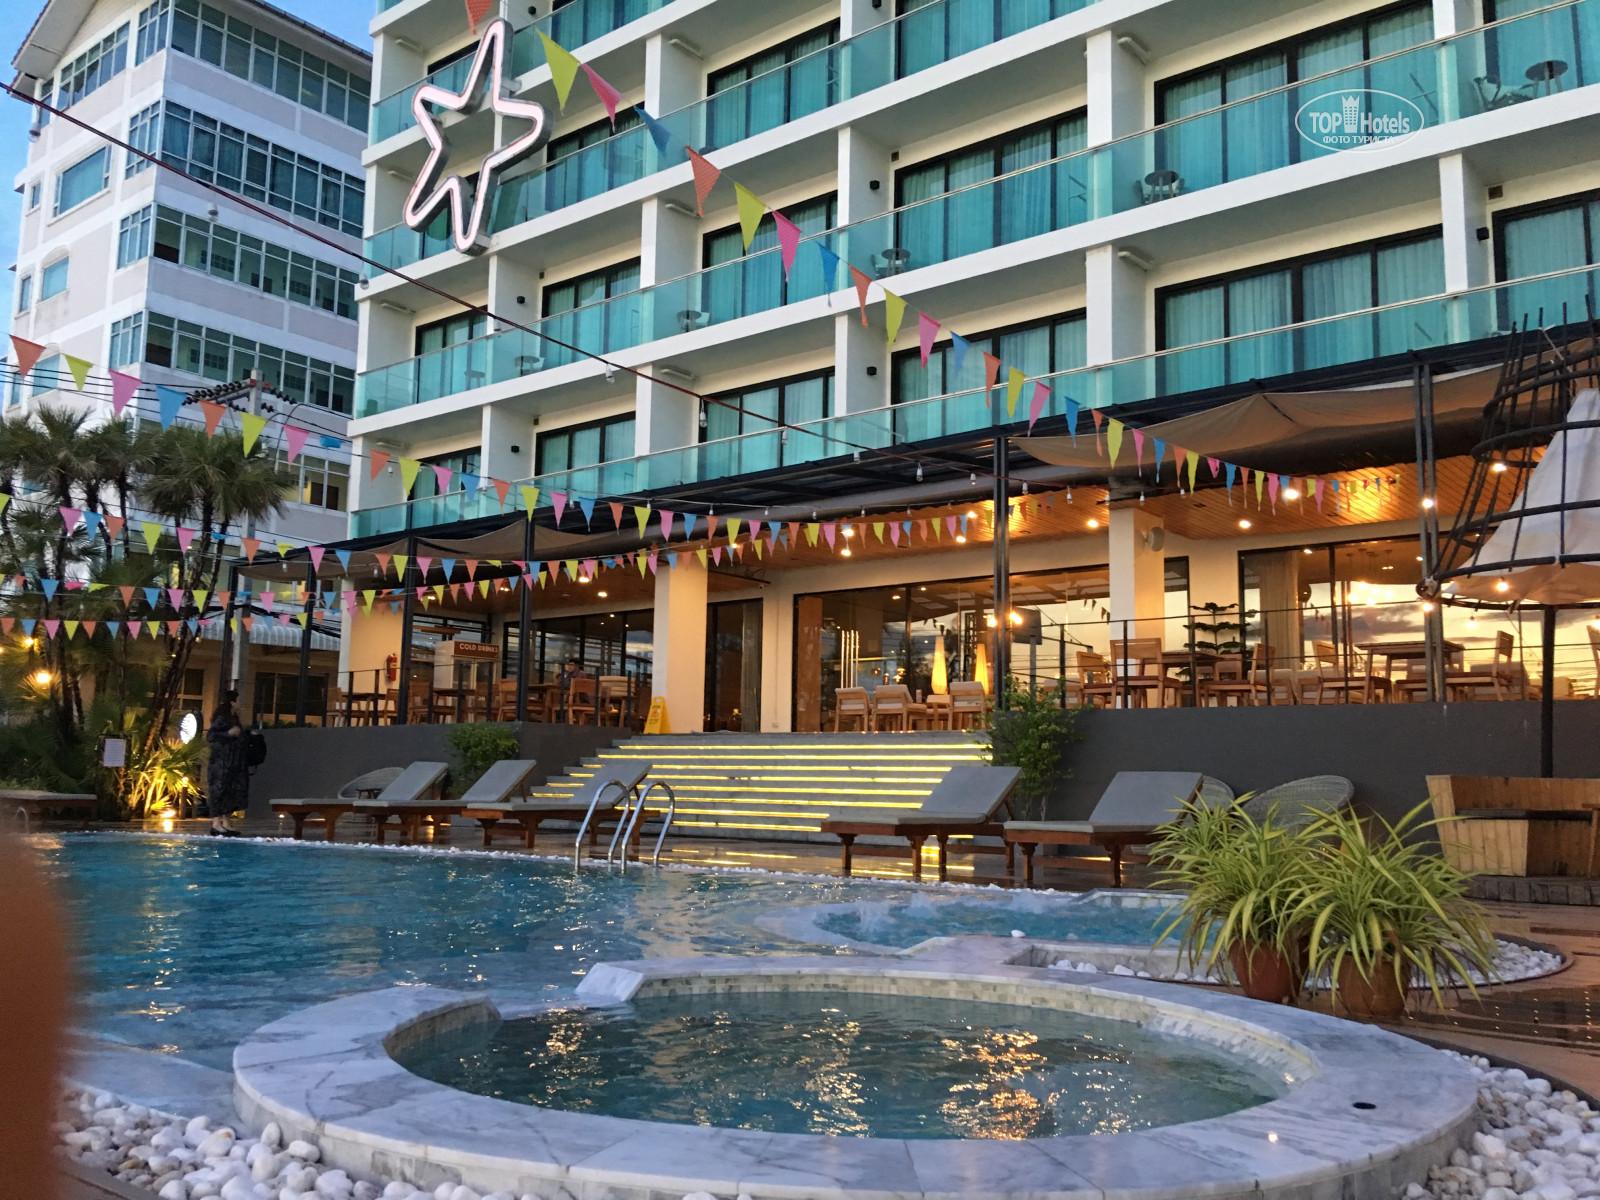 Фото и видео отеля Zand Morada Pattaya 3*. Рейтинг отелей ...